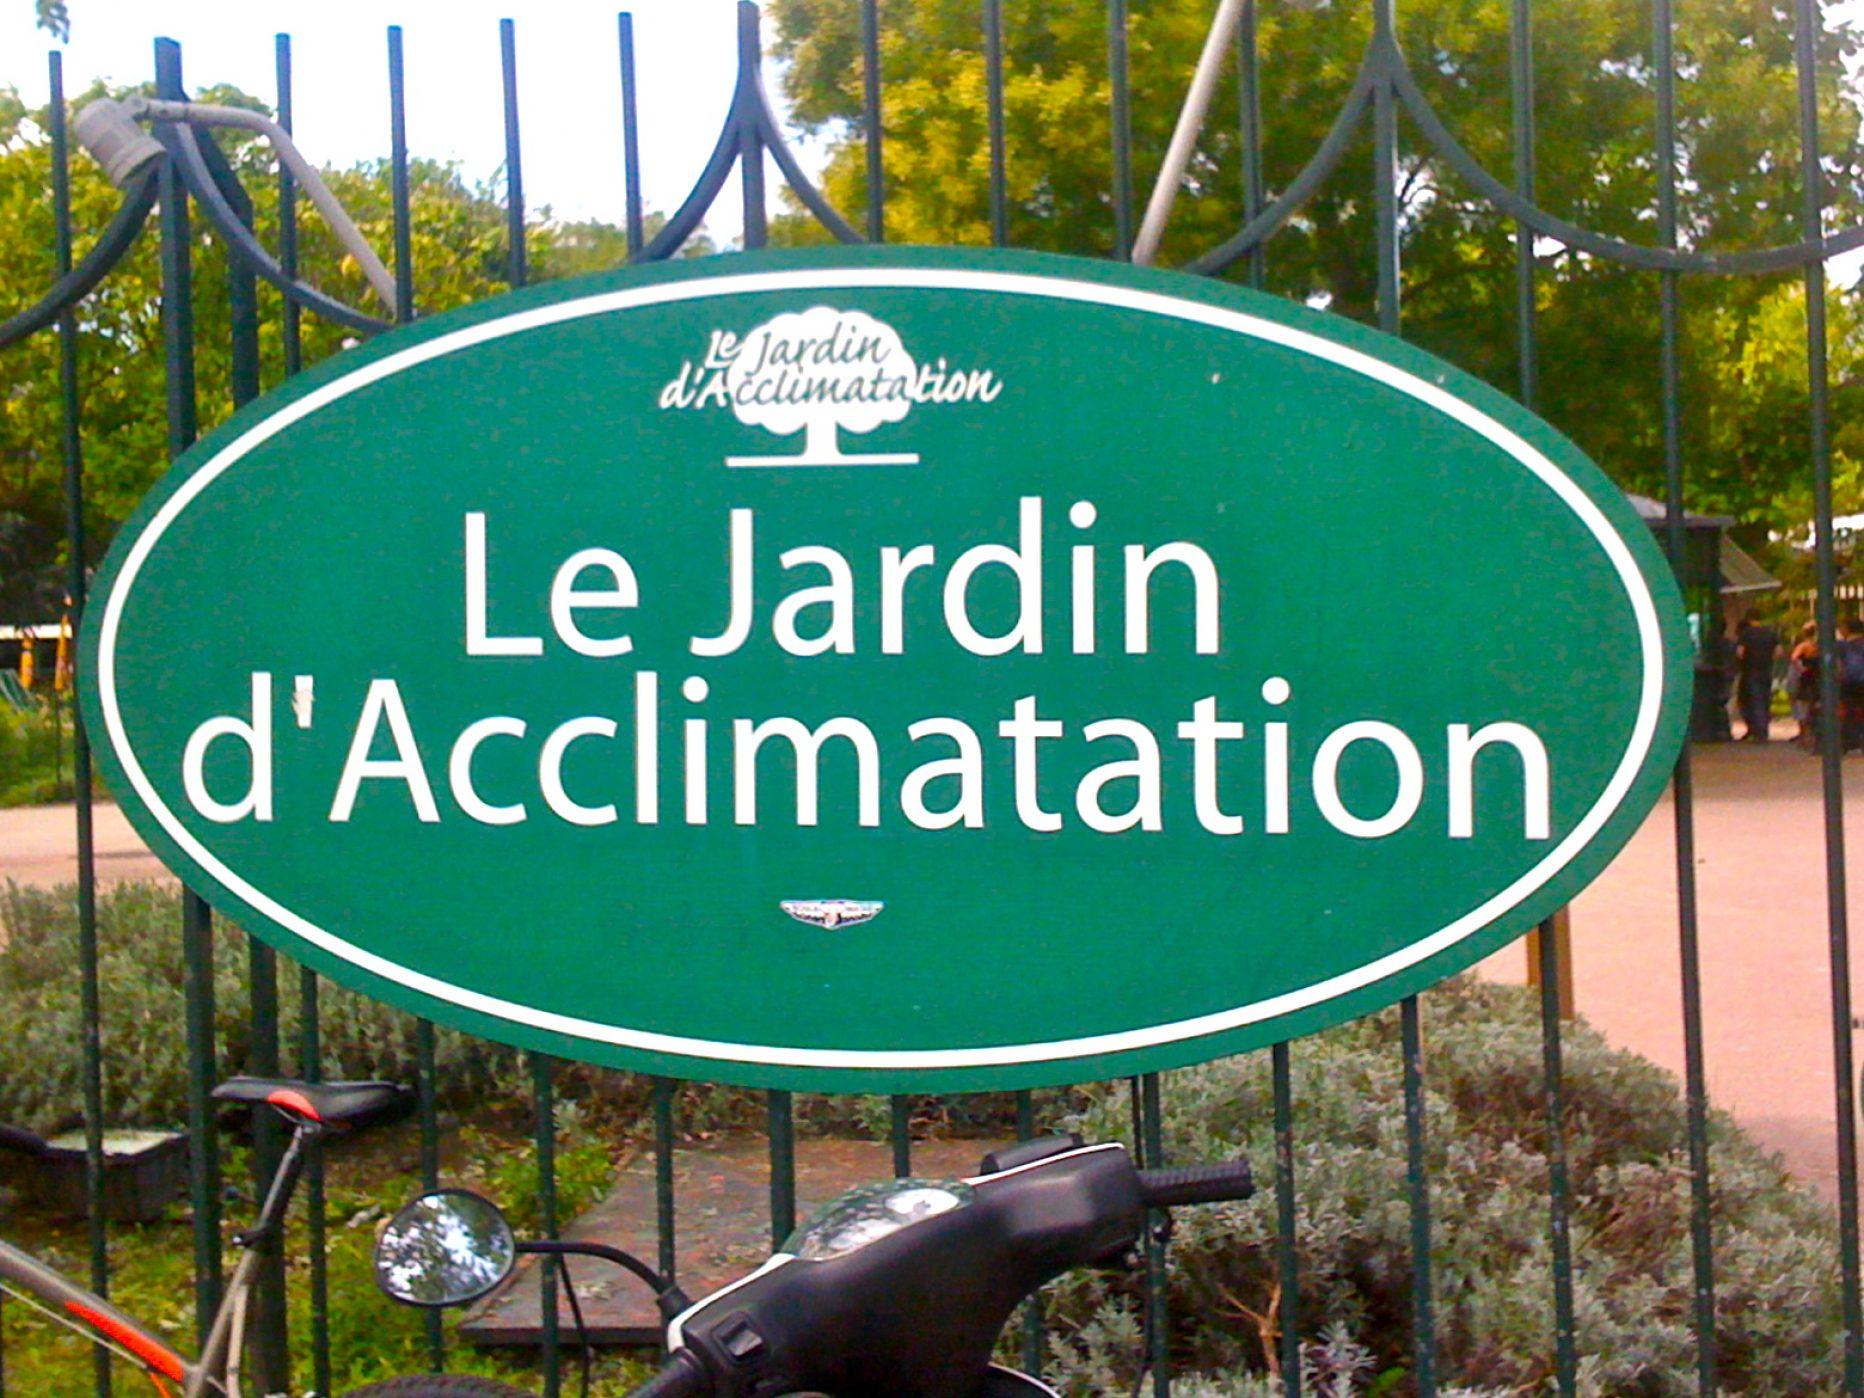 Jardin d 39 acclimatation paris en m tro - Adresse jardin d acclimatation ...